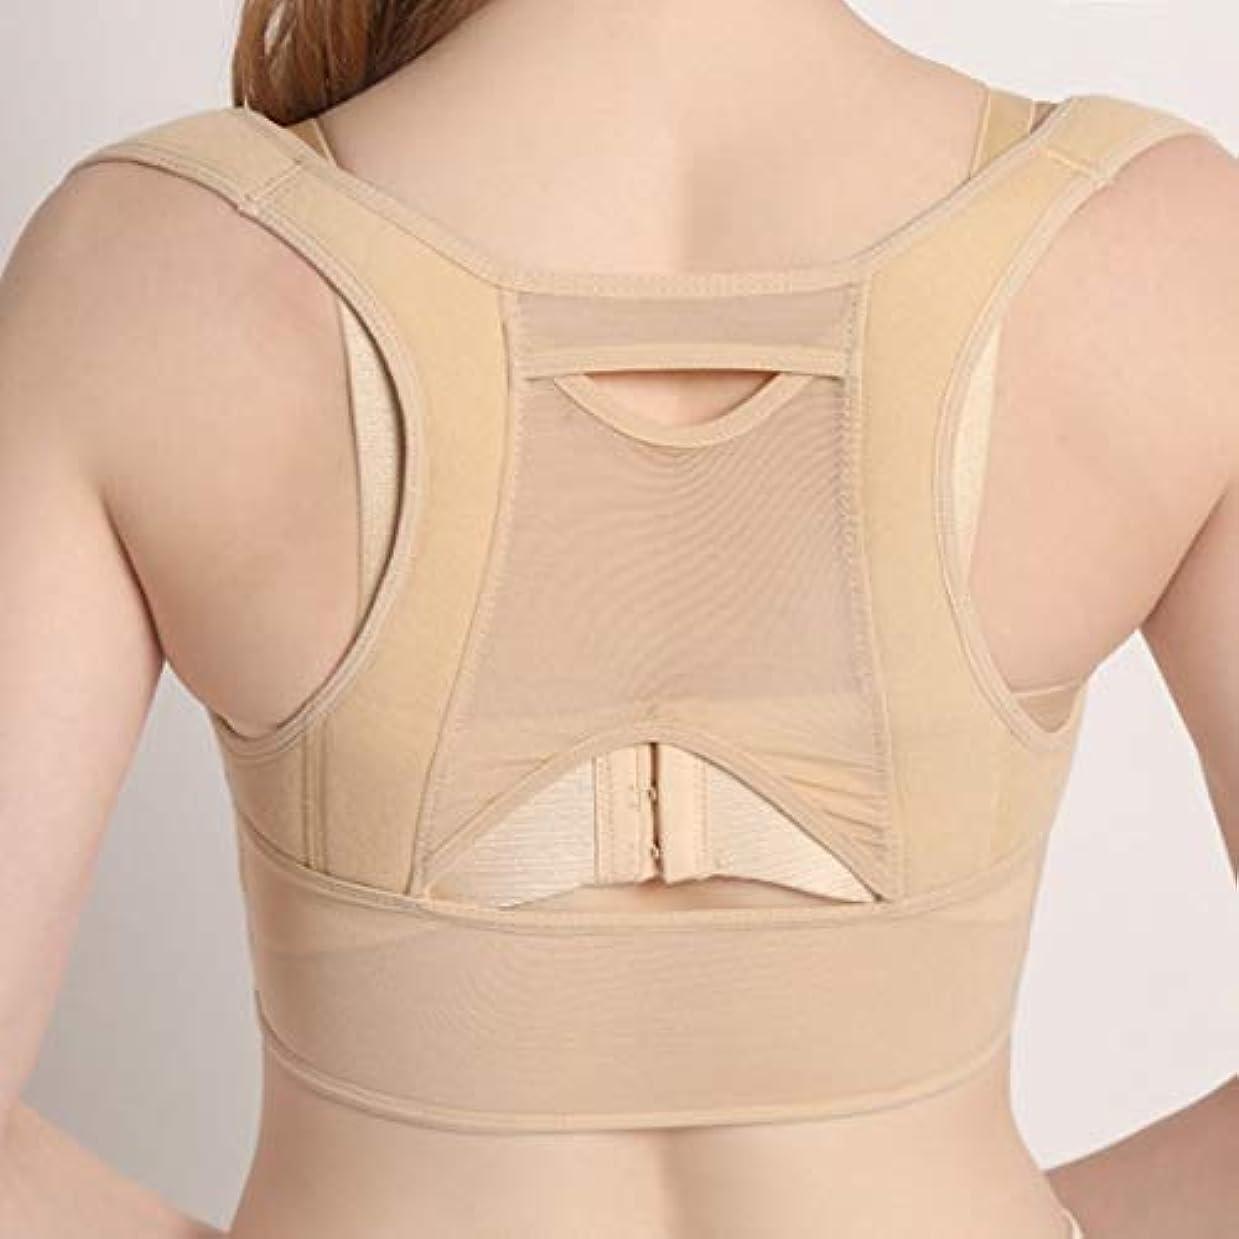 恐ろしいですまたねコーデリア通気性のある女性の背中の姿勢矯正コルセット整形外科の肩の背骨の背骨の姿勢矯正腰椎サポート (Rustle666)